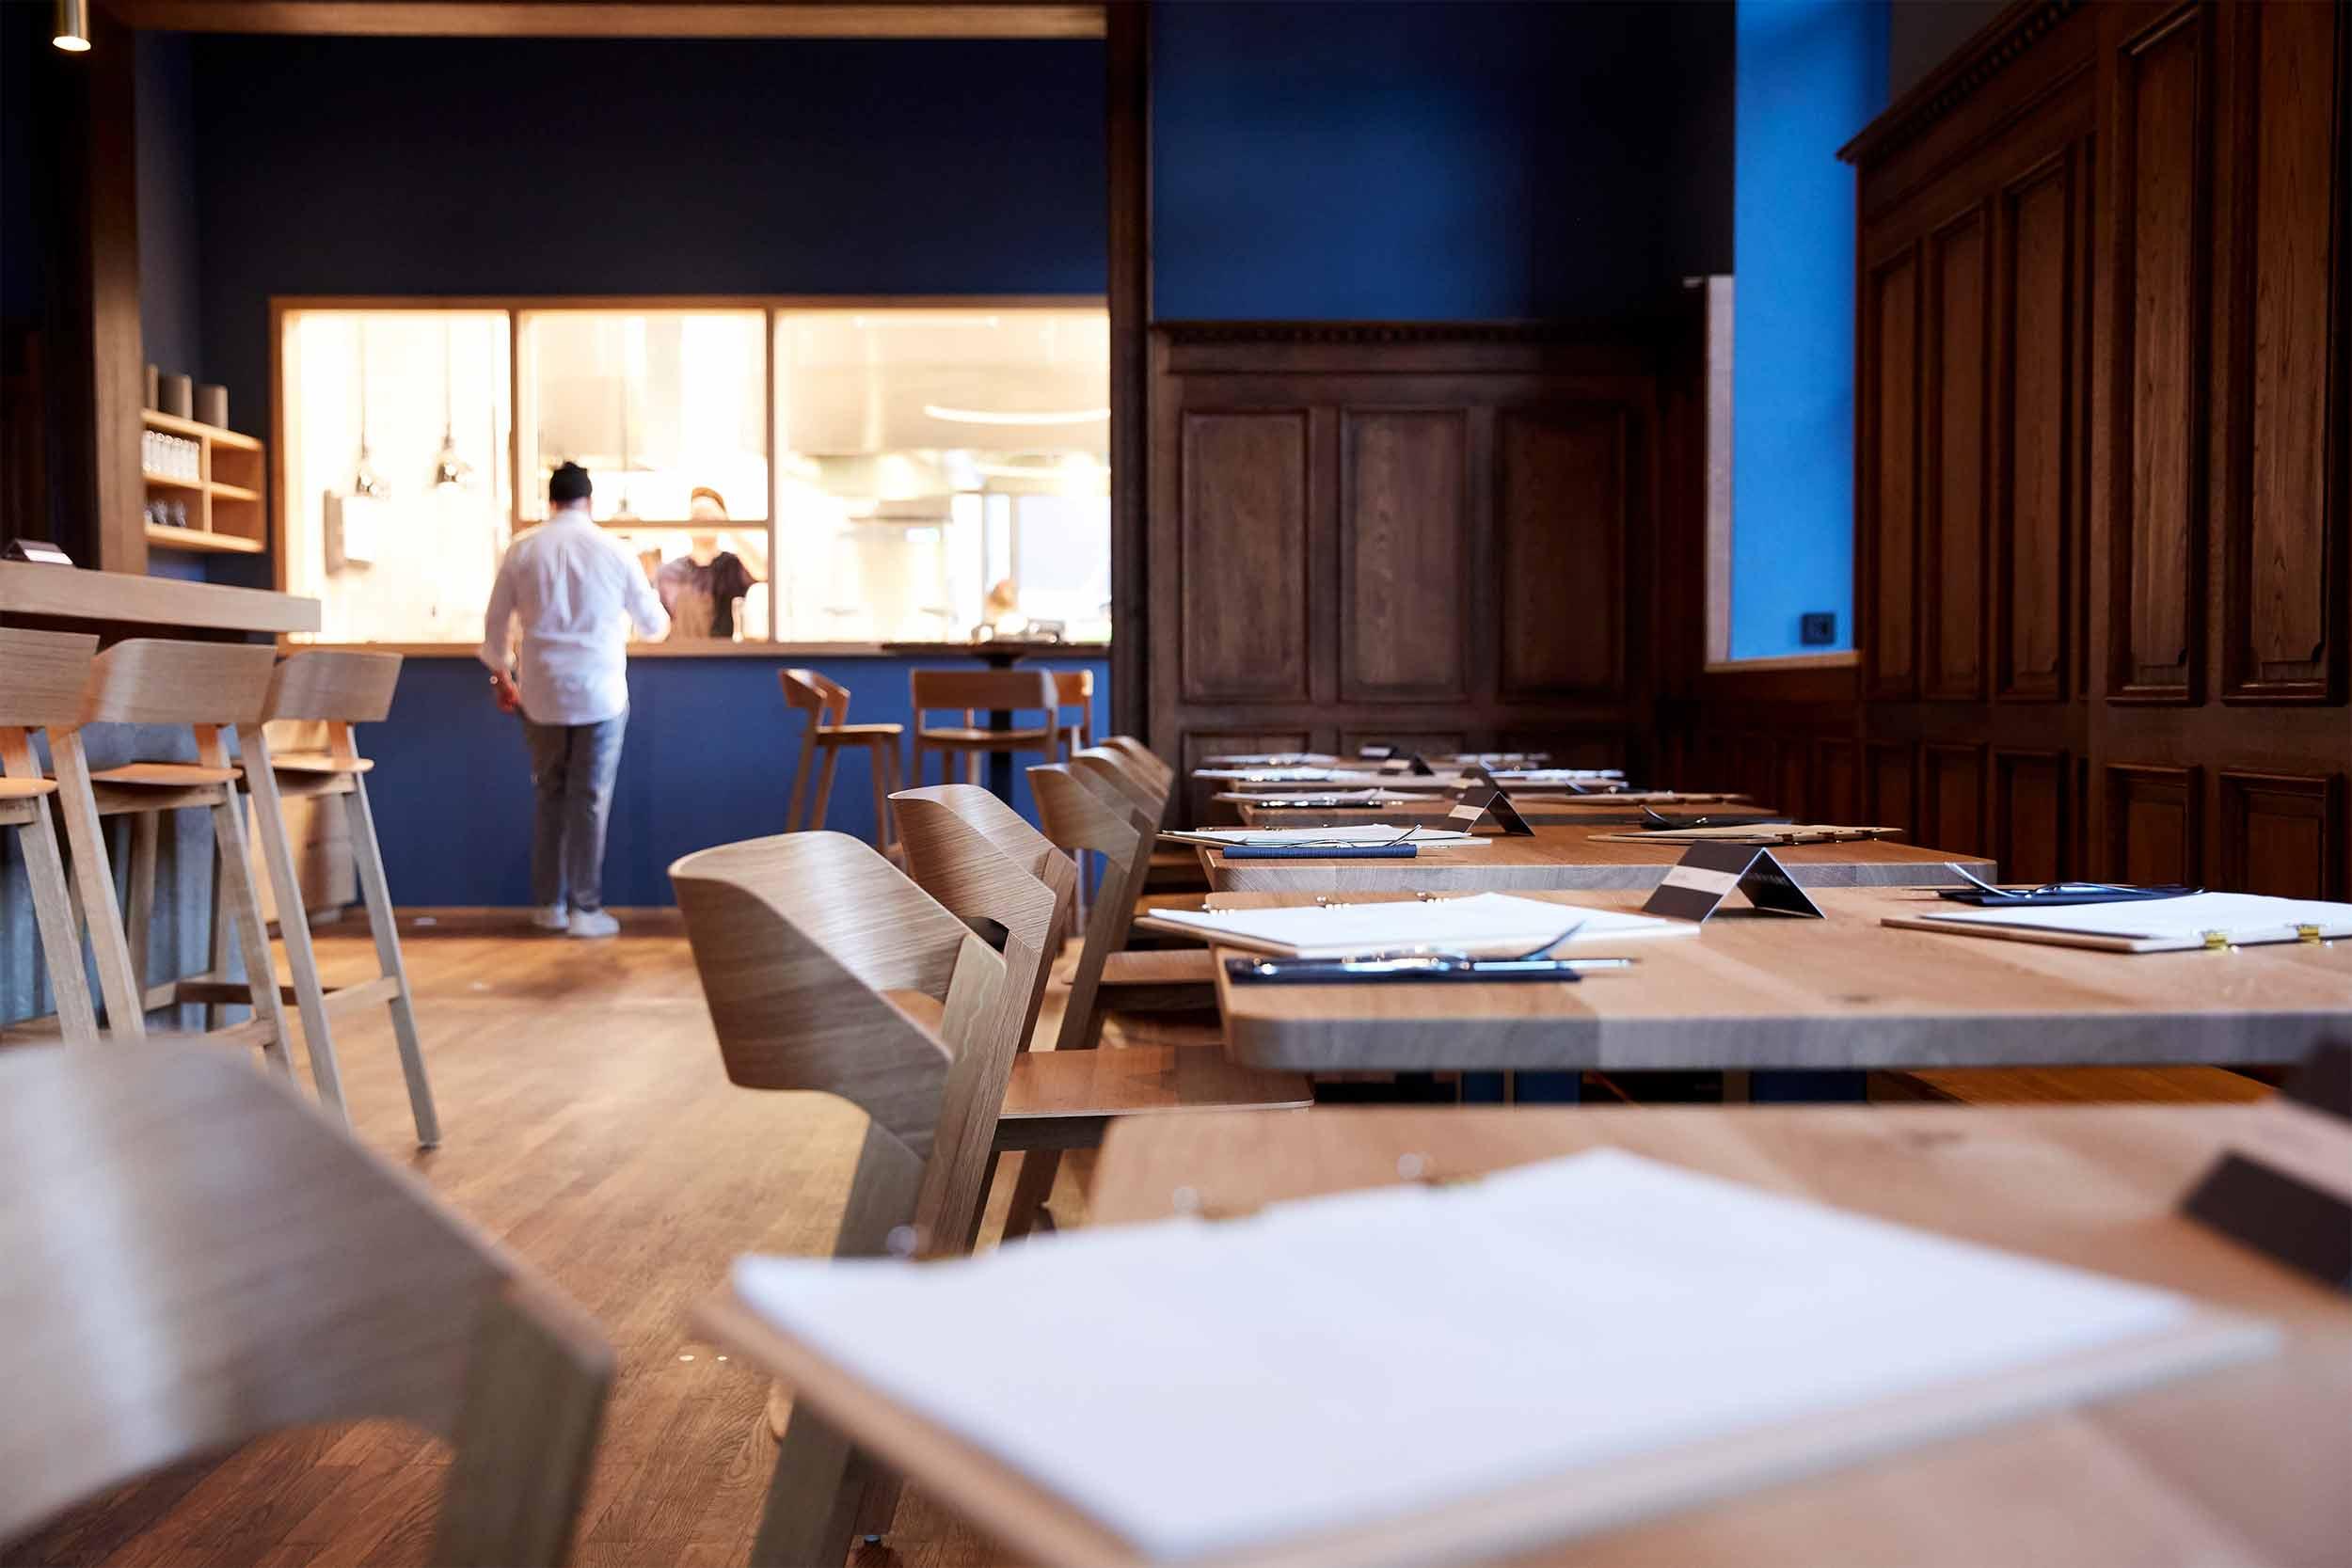 Blaue Kappe Essen und Trinken Augsburg Corporate Design und Website – Speisekarten